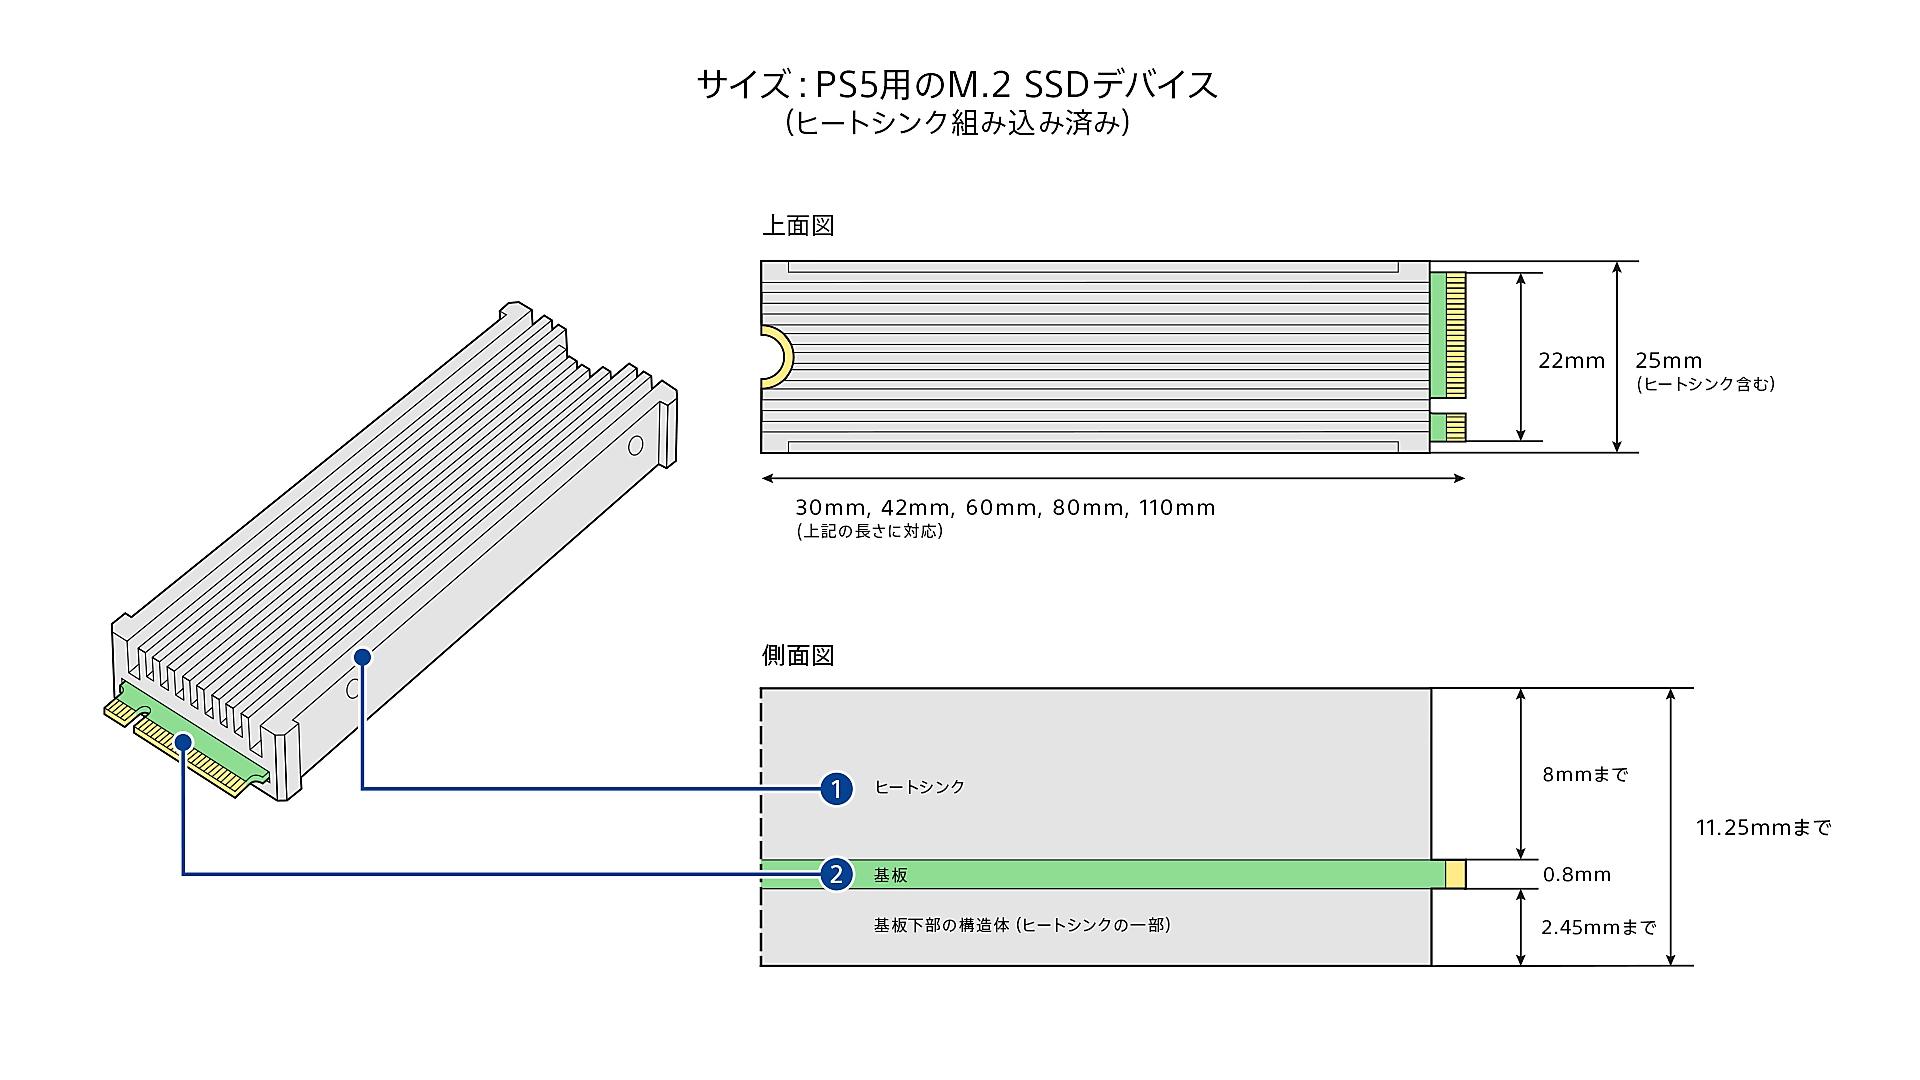 ヒートシンク内蔵のM.2 SSDの寸法